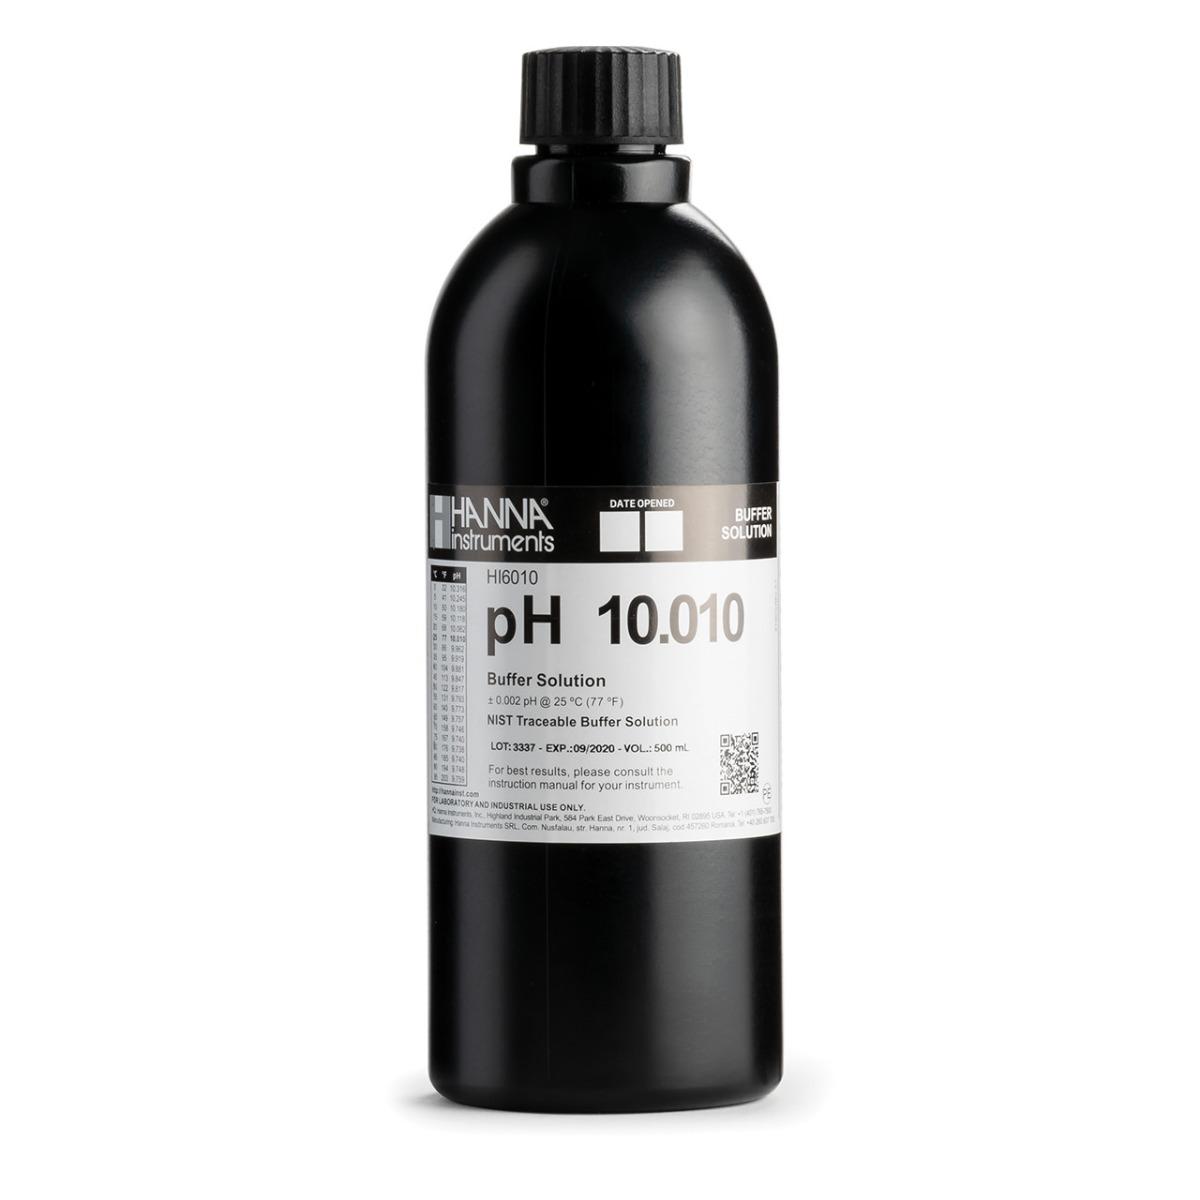 HI6010 pH 10.010 Millesimal Calibration Buffer (500 mL)